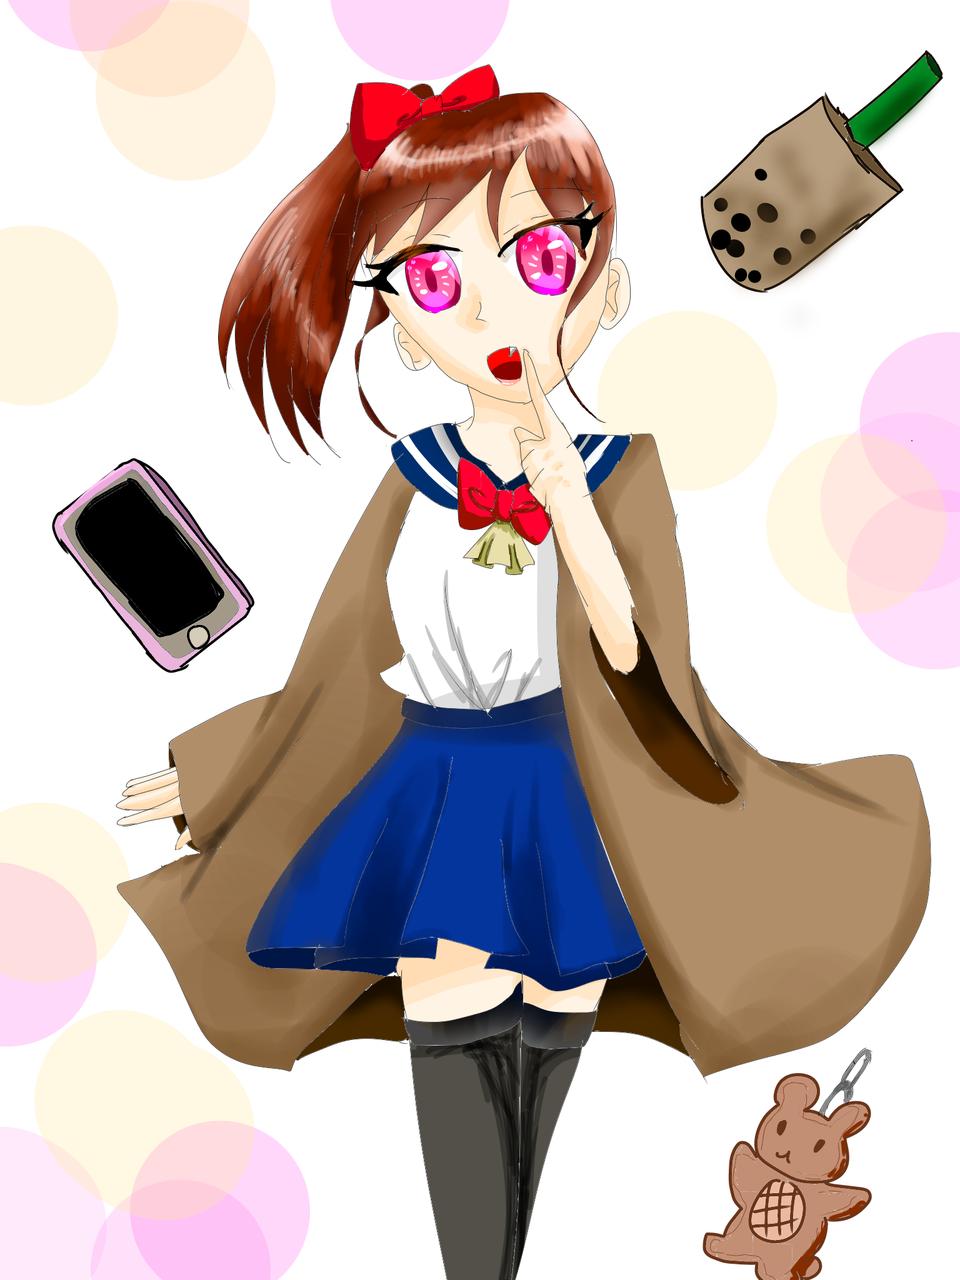 女の子 Illust of 彩芽 小6 ワンドロ girl kawaii uniform レッツワンドロ